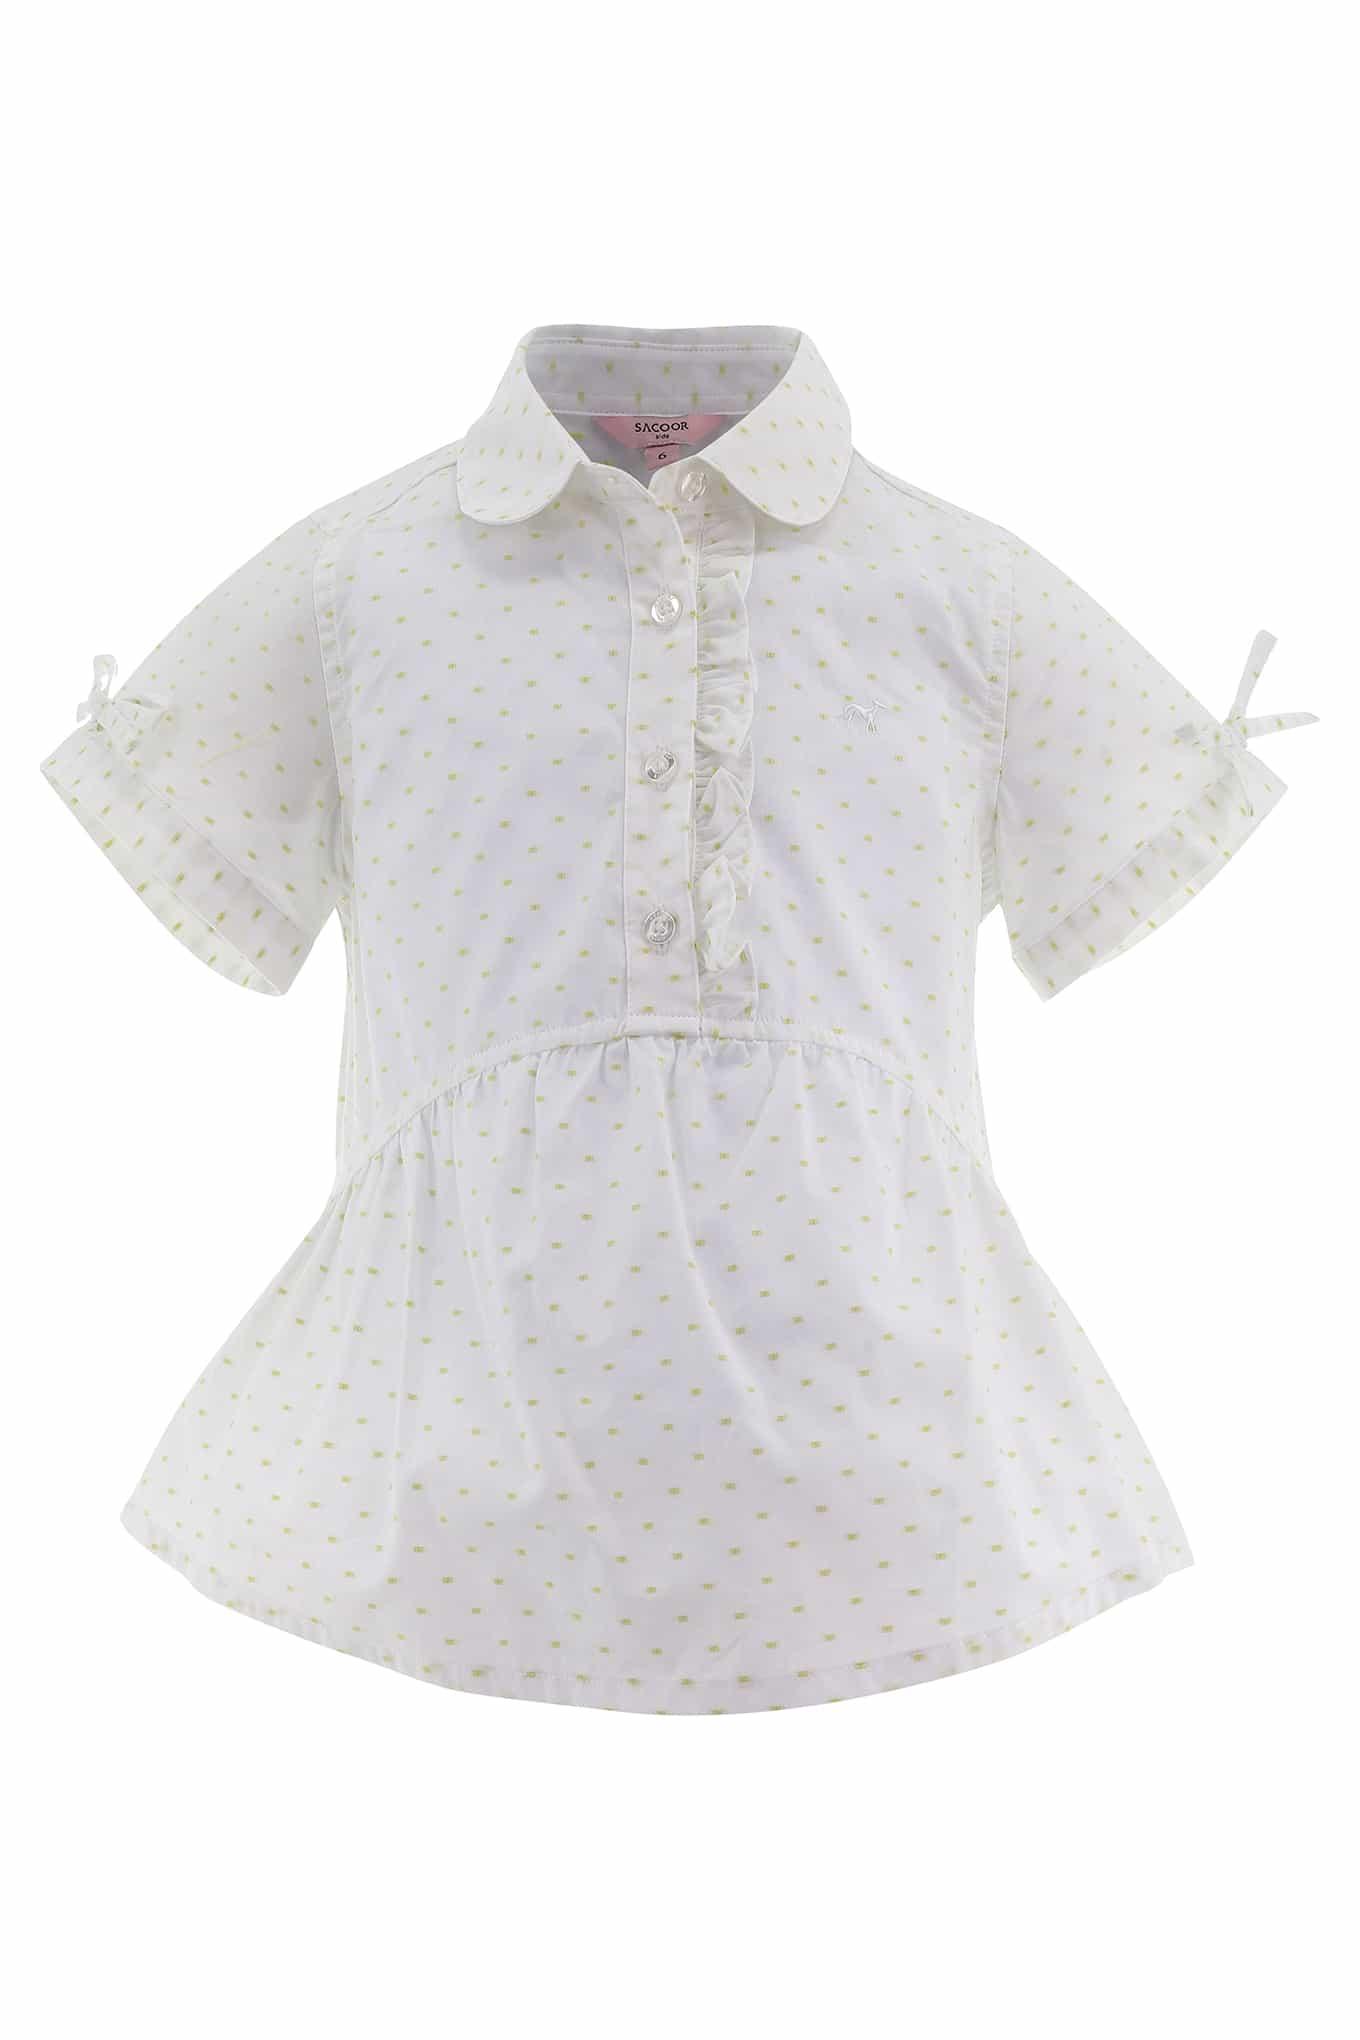 Camisa Branco Casual Rapariga